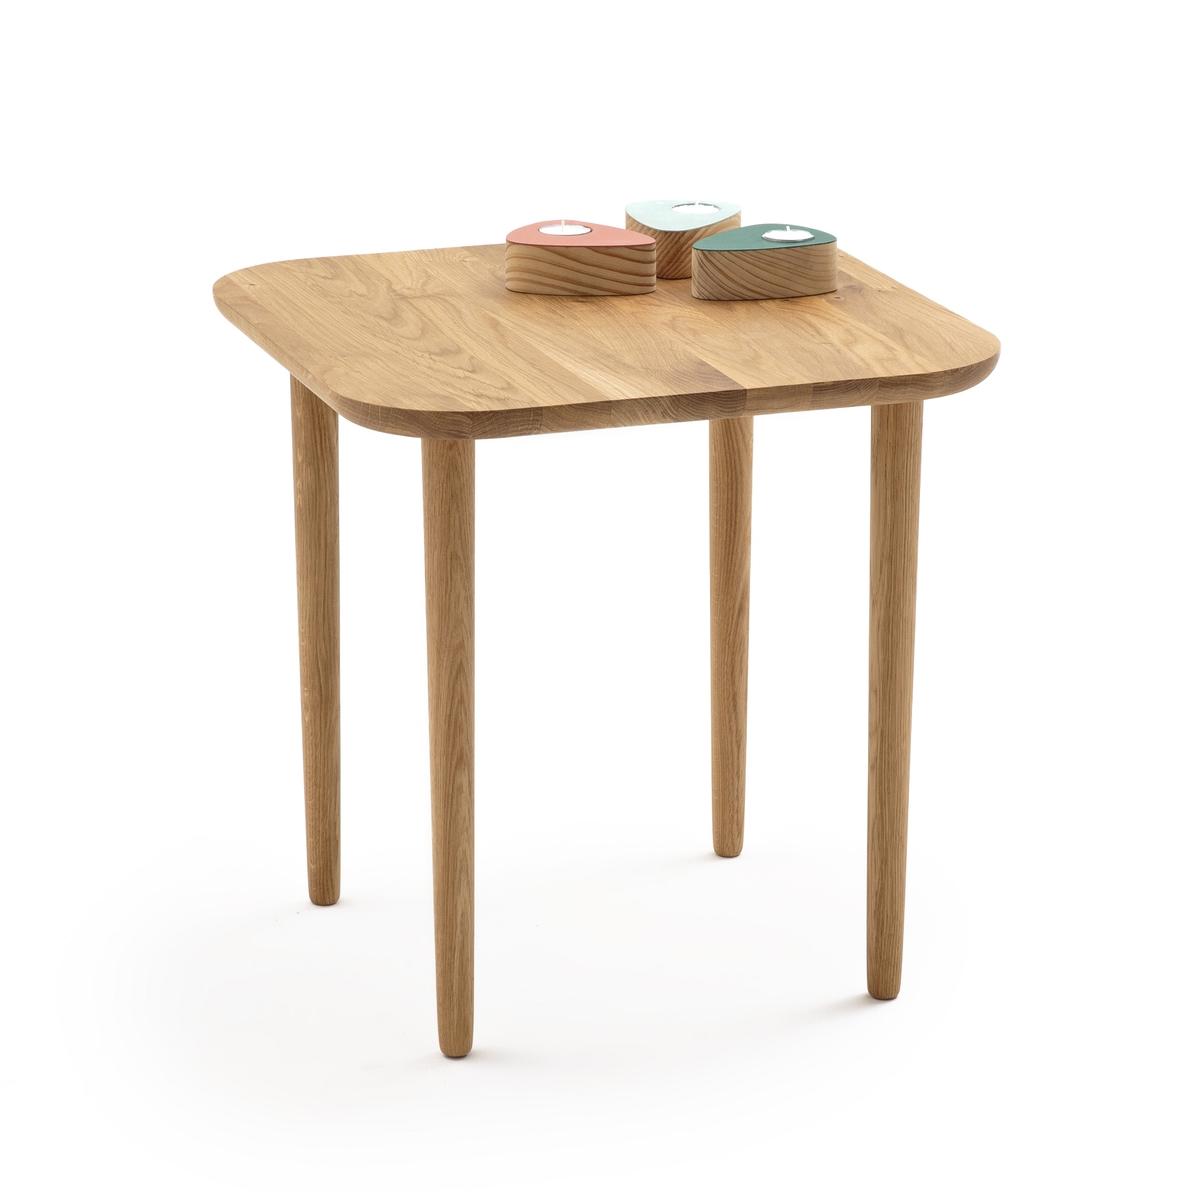 Столик журнальный высокий квадратный из дуба CRUESO столик журнальный квадратный из массива дуба crueso